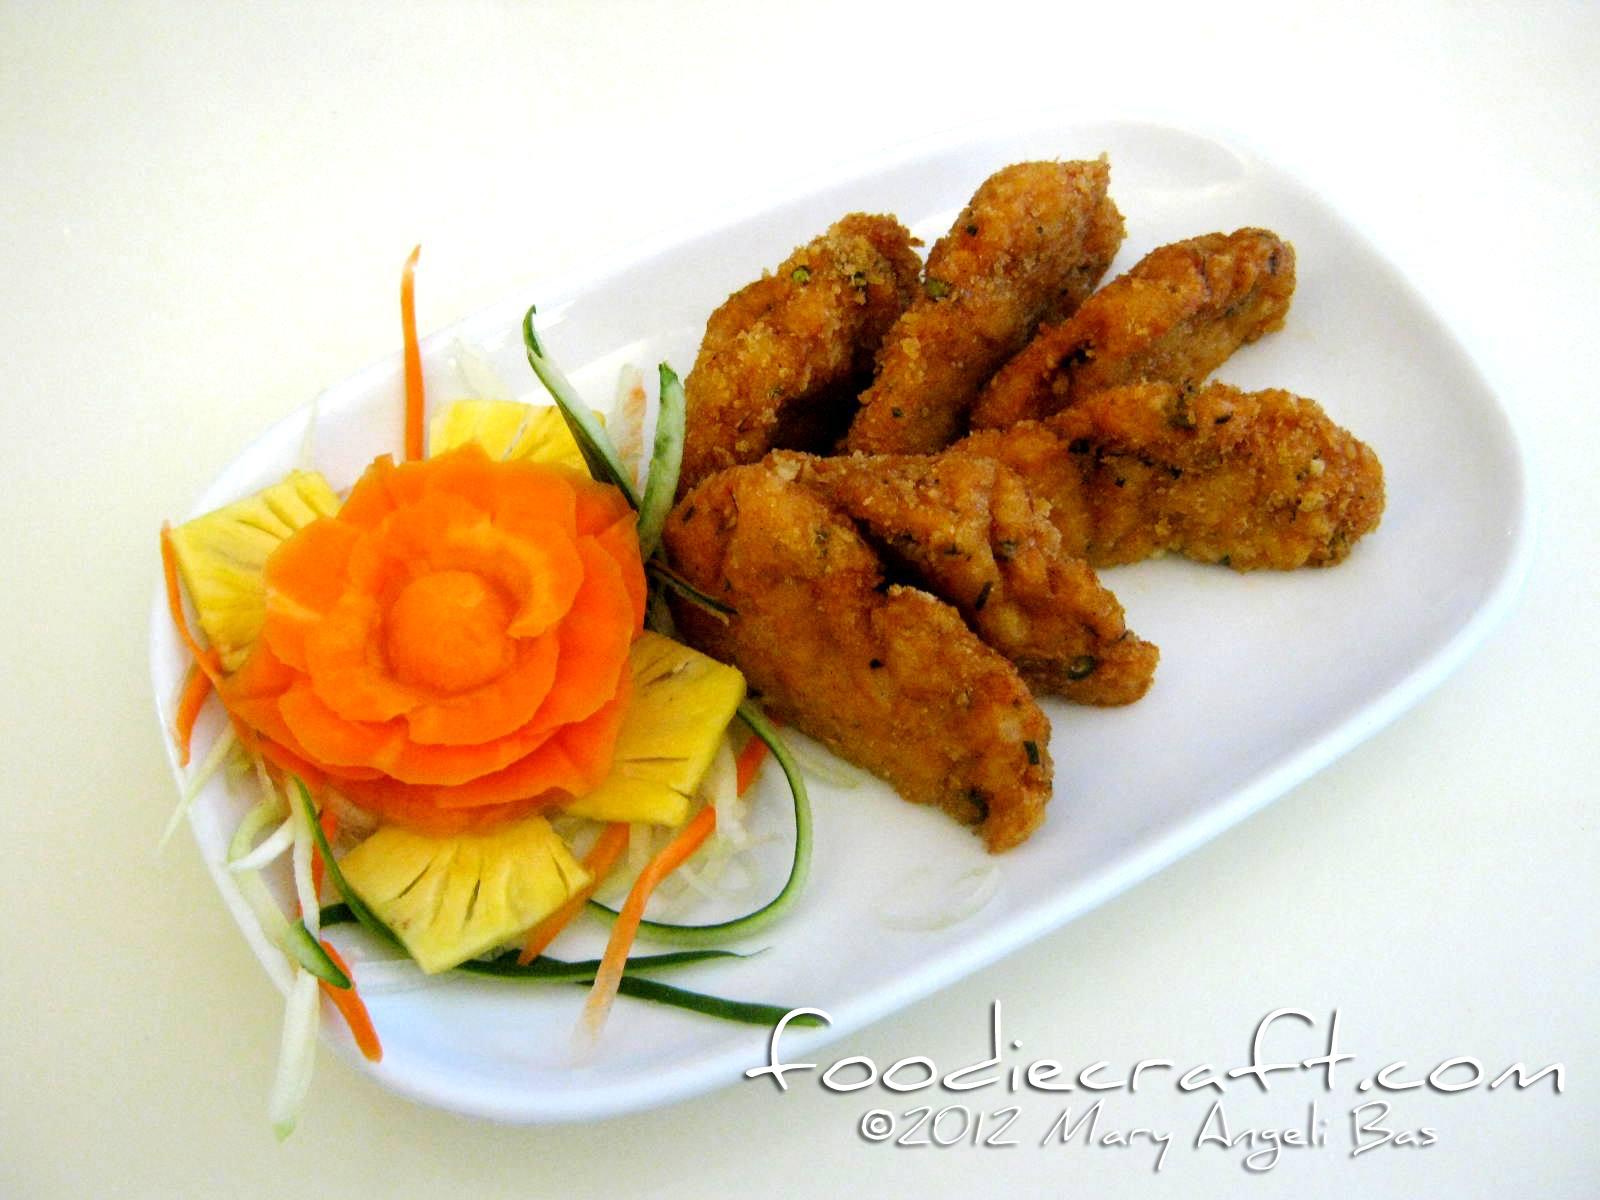 Foodie craft siam thai cuisine for At siam thai cuisine